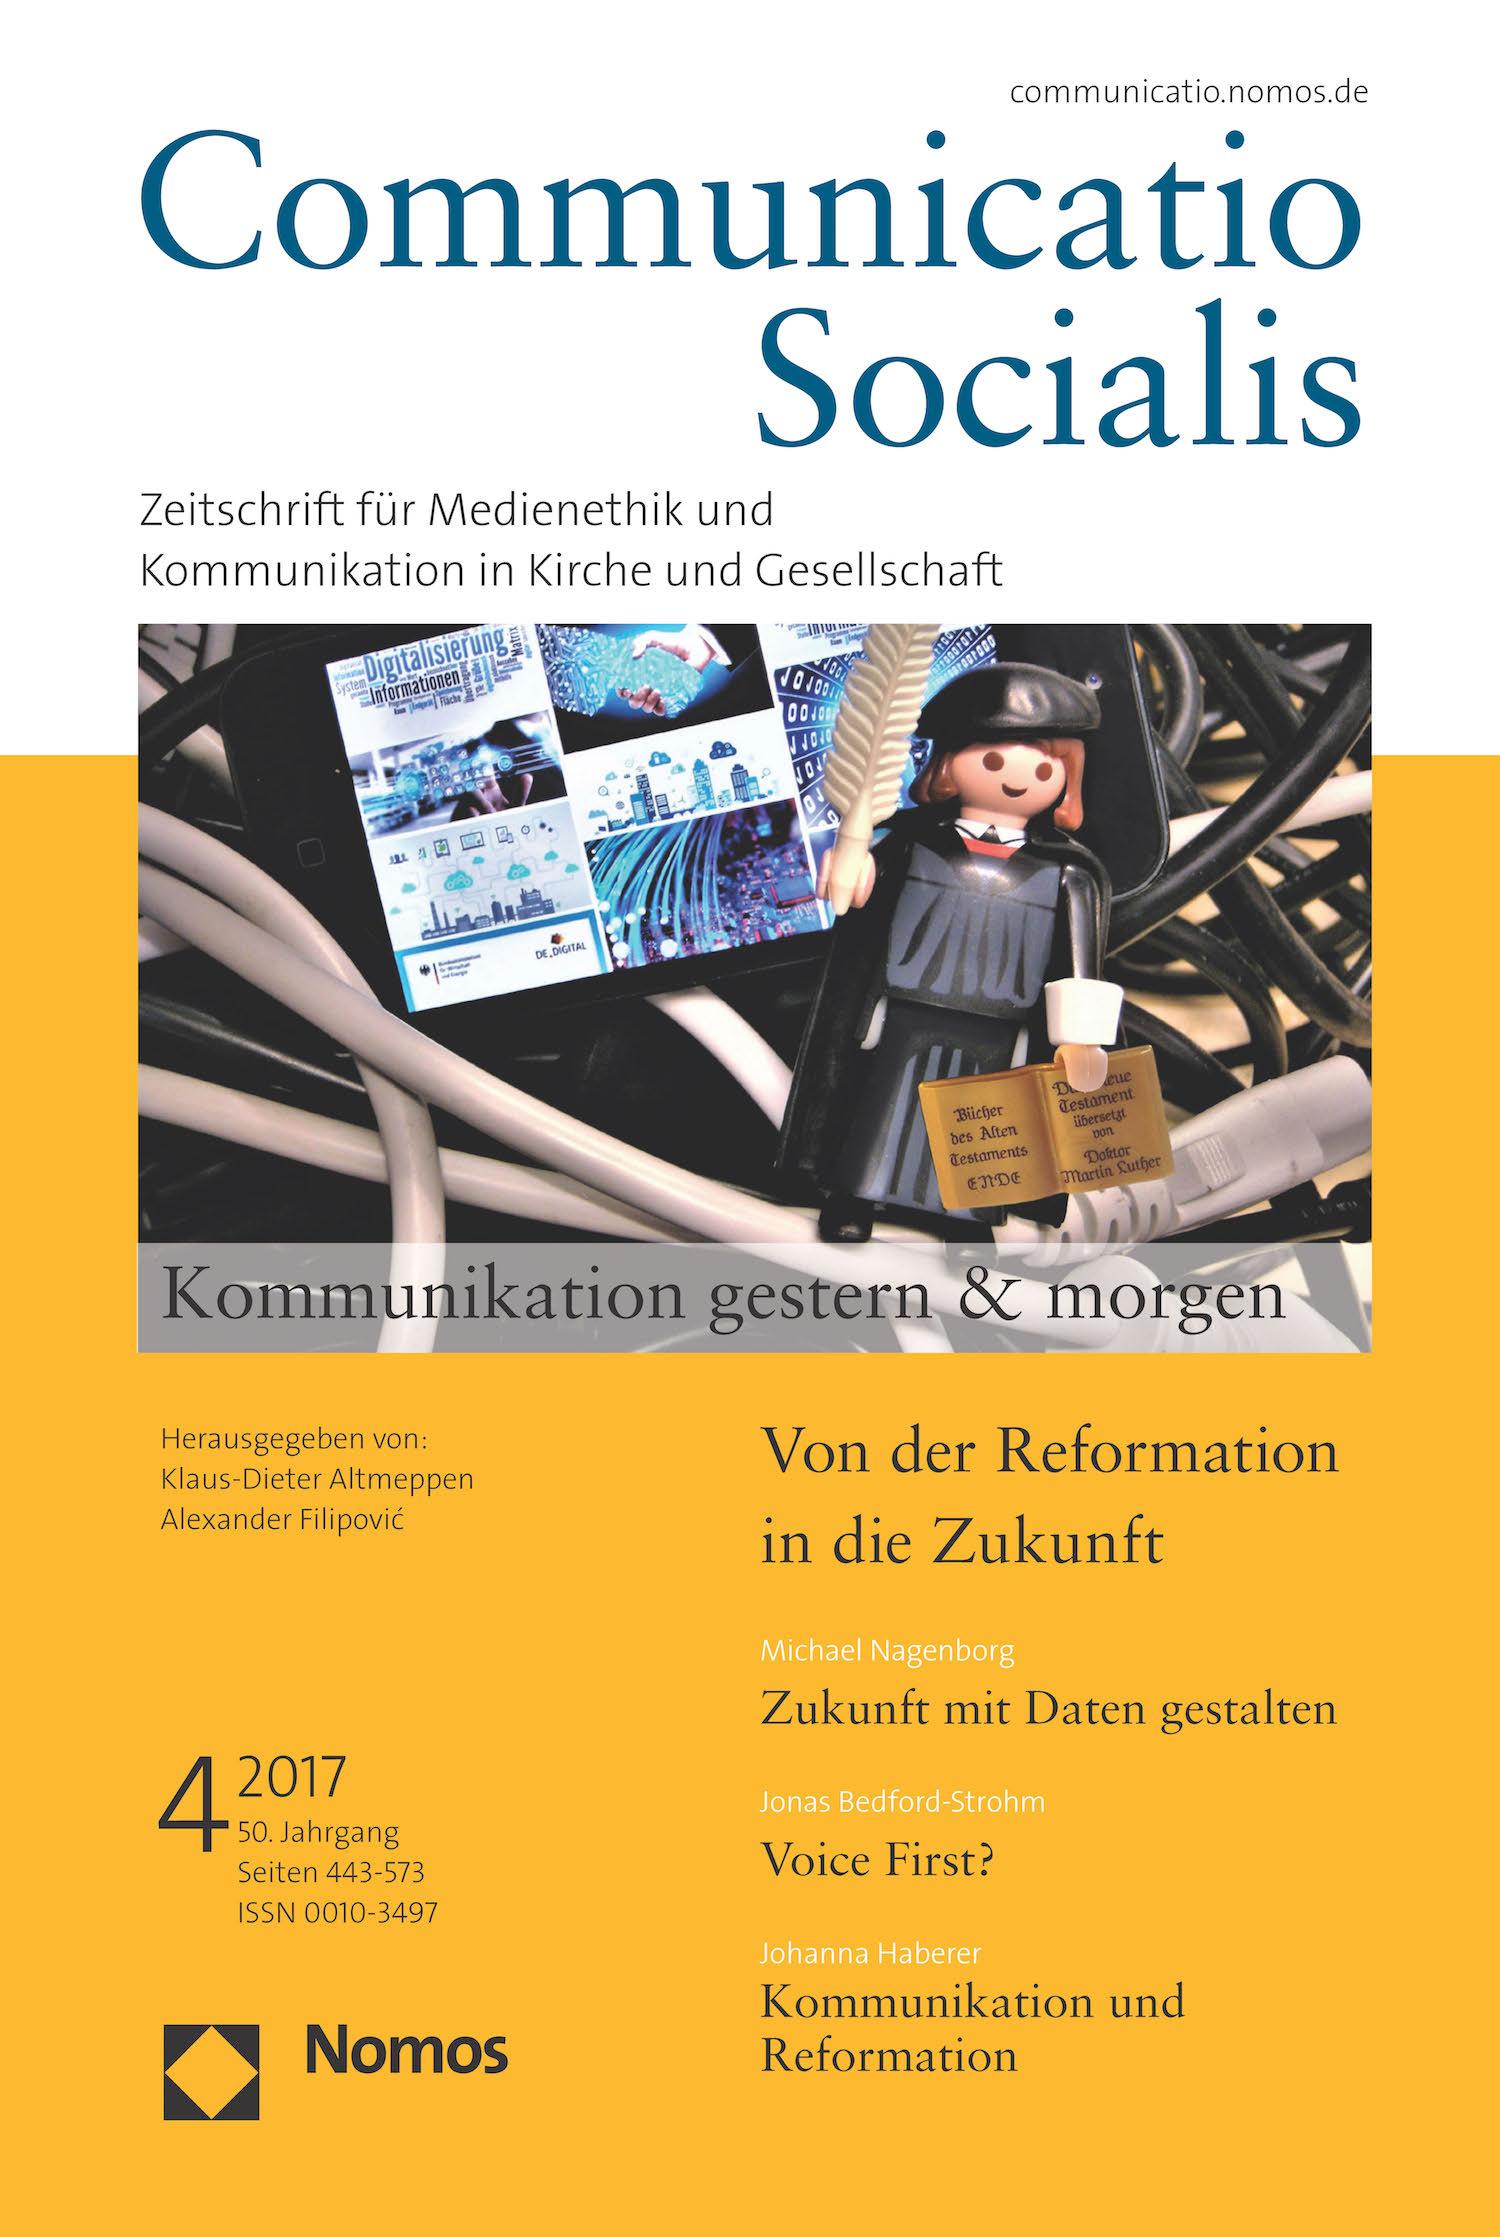 """Neue Ausgabe 4/2017 von Communicatio Socialis zum Thema """"Kommunikation gestern & morgen"""" erschienen"""